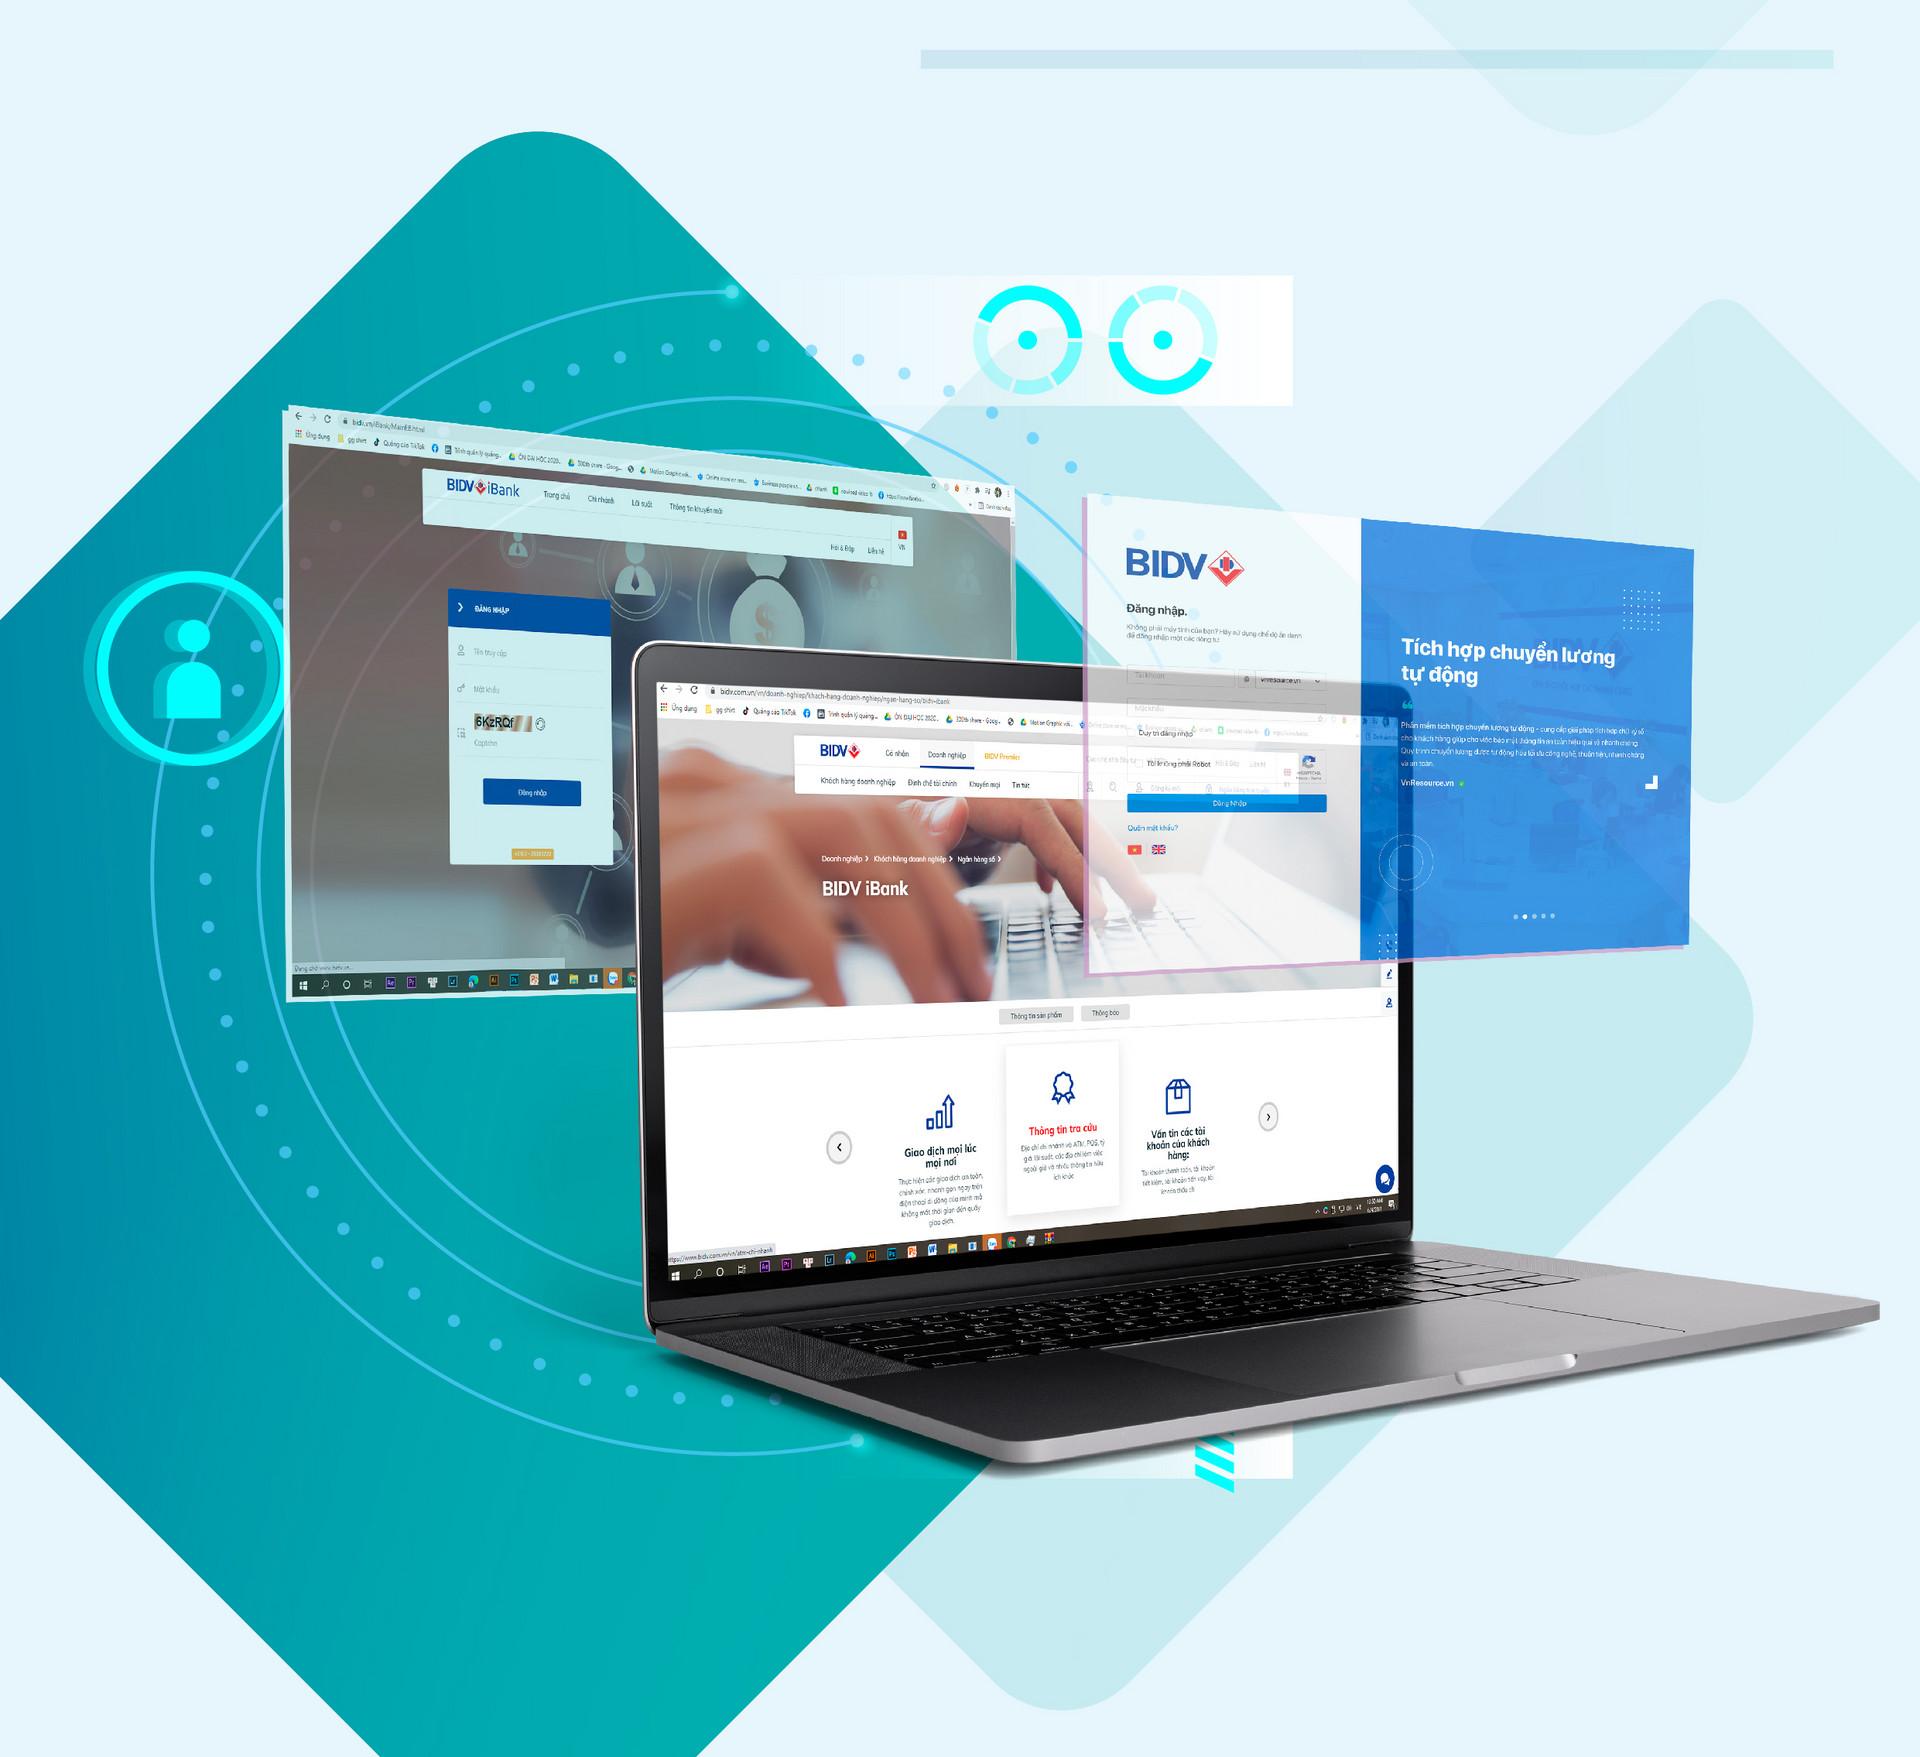 BIDV - ERP Connection: Giải pháp hỗ trợ doanh nghiệp chuyển đổi số hiệu quả - 1